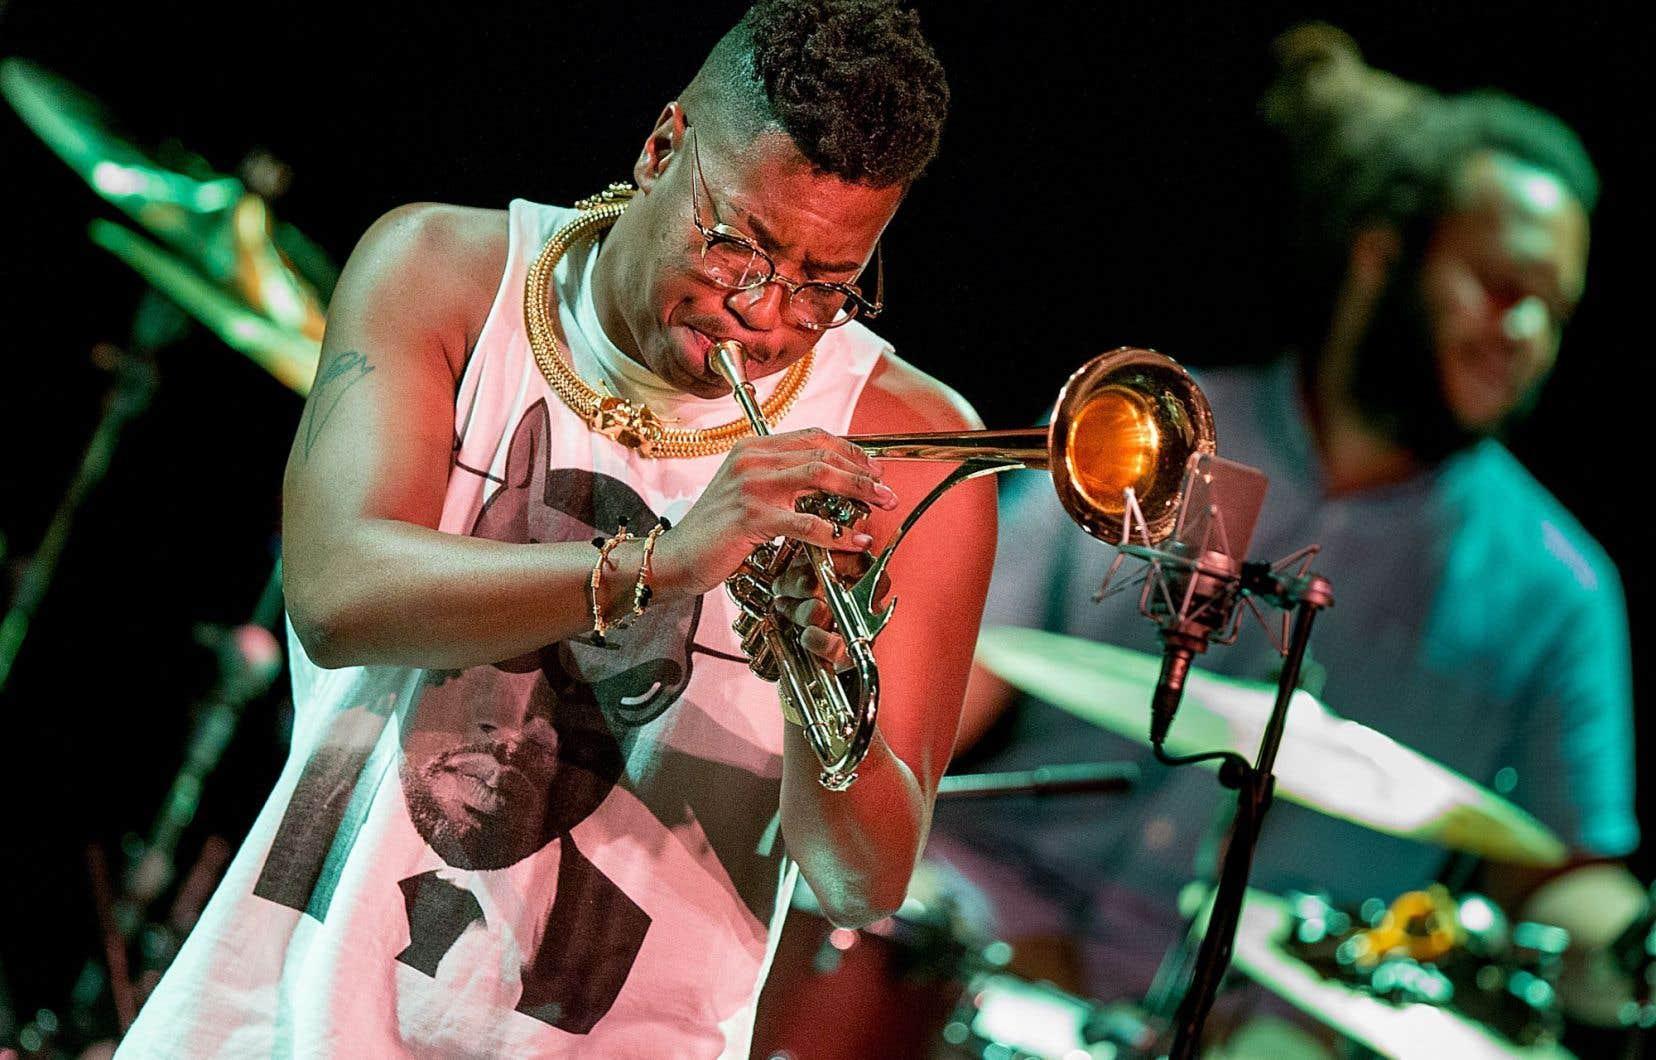 Les trois spectacles de la série Invitation du trompettiste Christian Scott ont été mémorables.